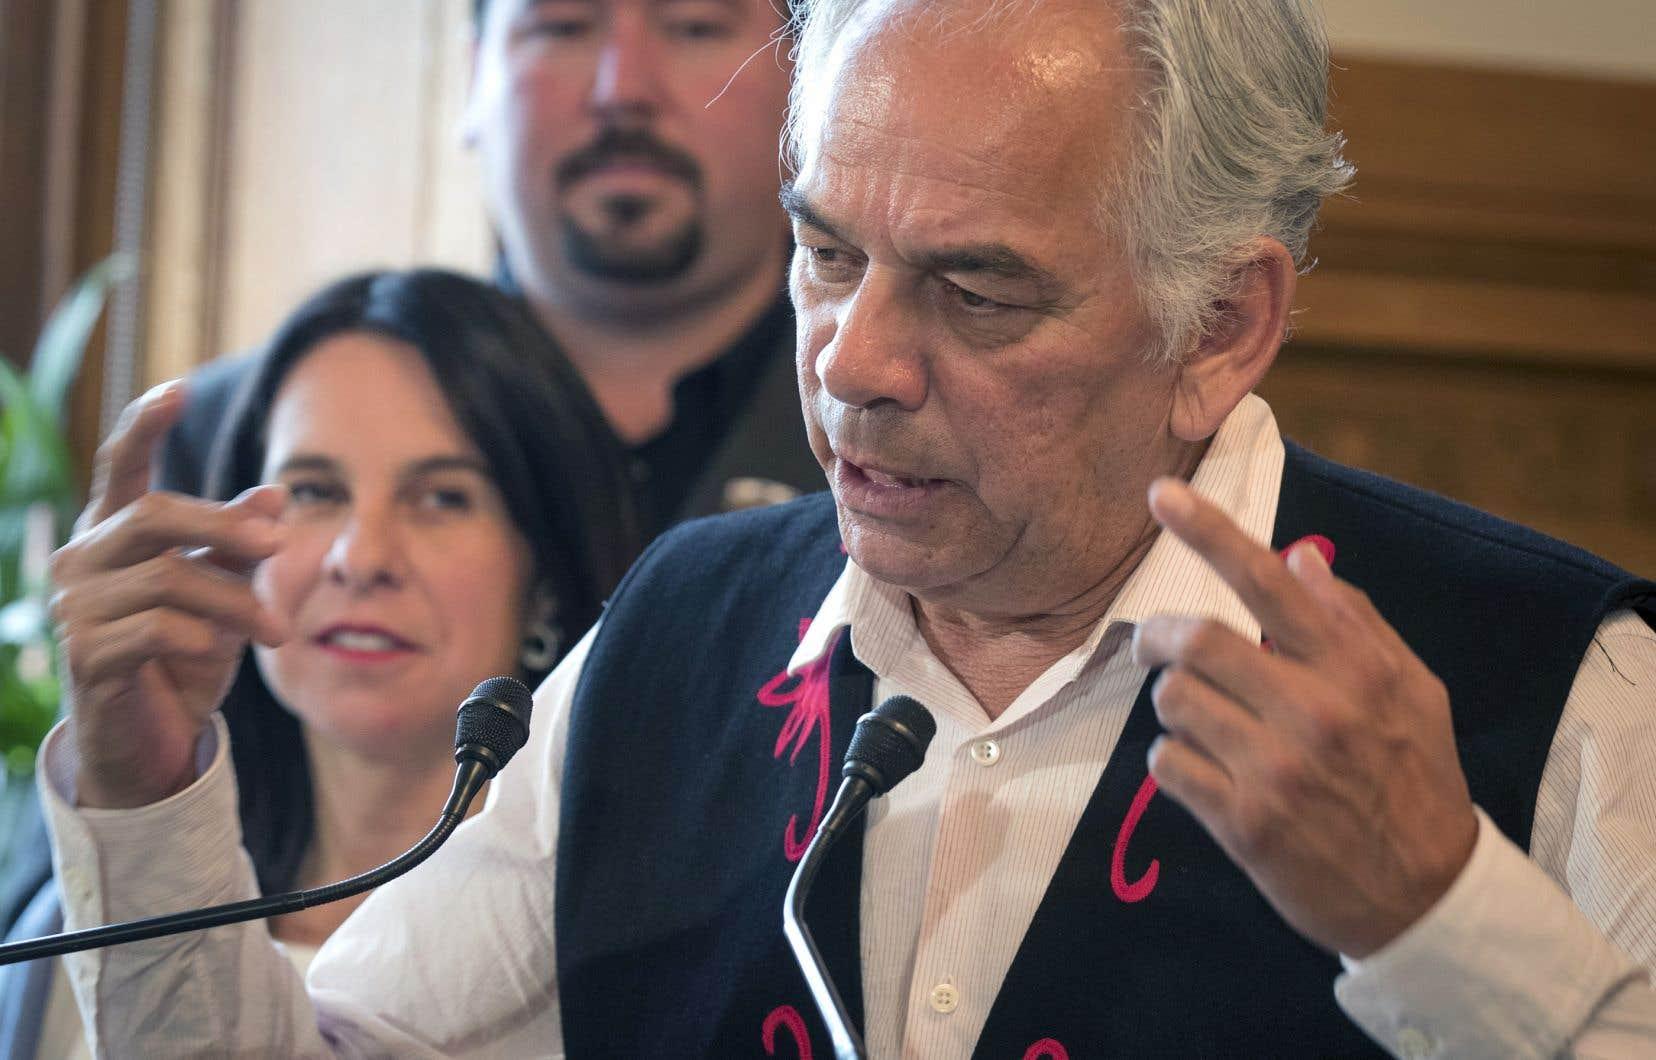 Le chef de l'Assemblée des Premières Nations Québec-Labrador, Ghislain Picard, a mis en relief l'indifférence des politiciens en campagne à l'égard des dossiers qui préoccupent les Autochtones.